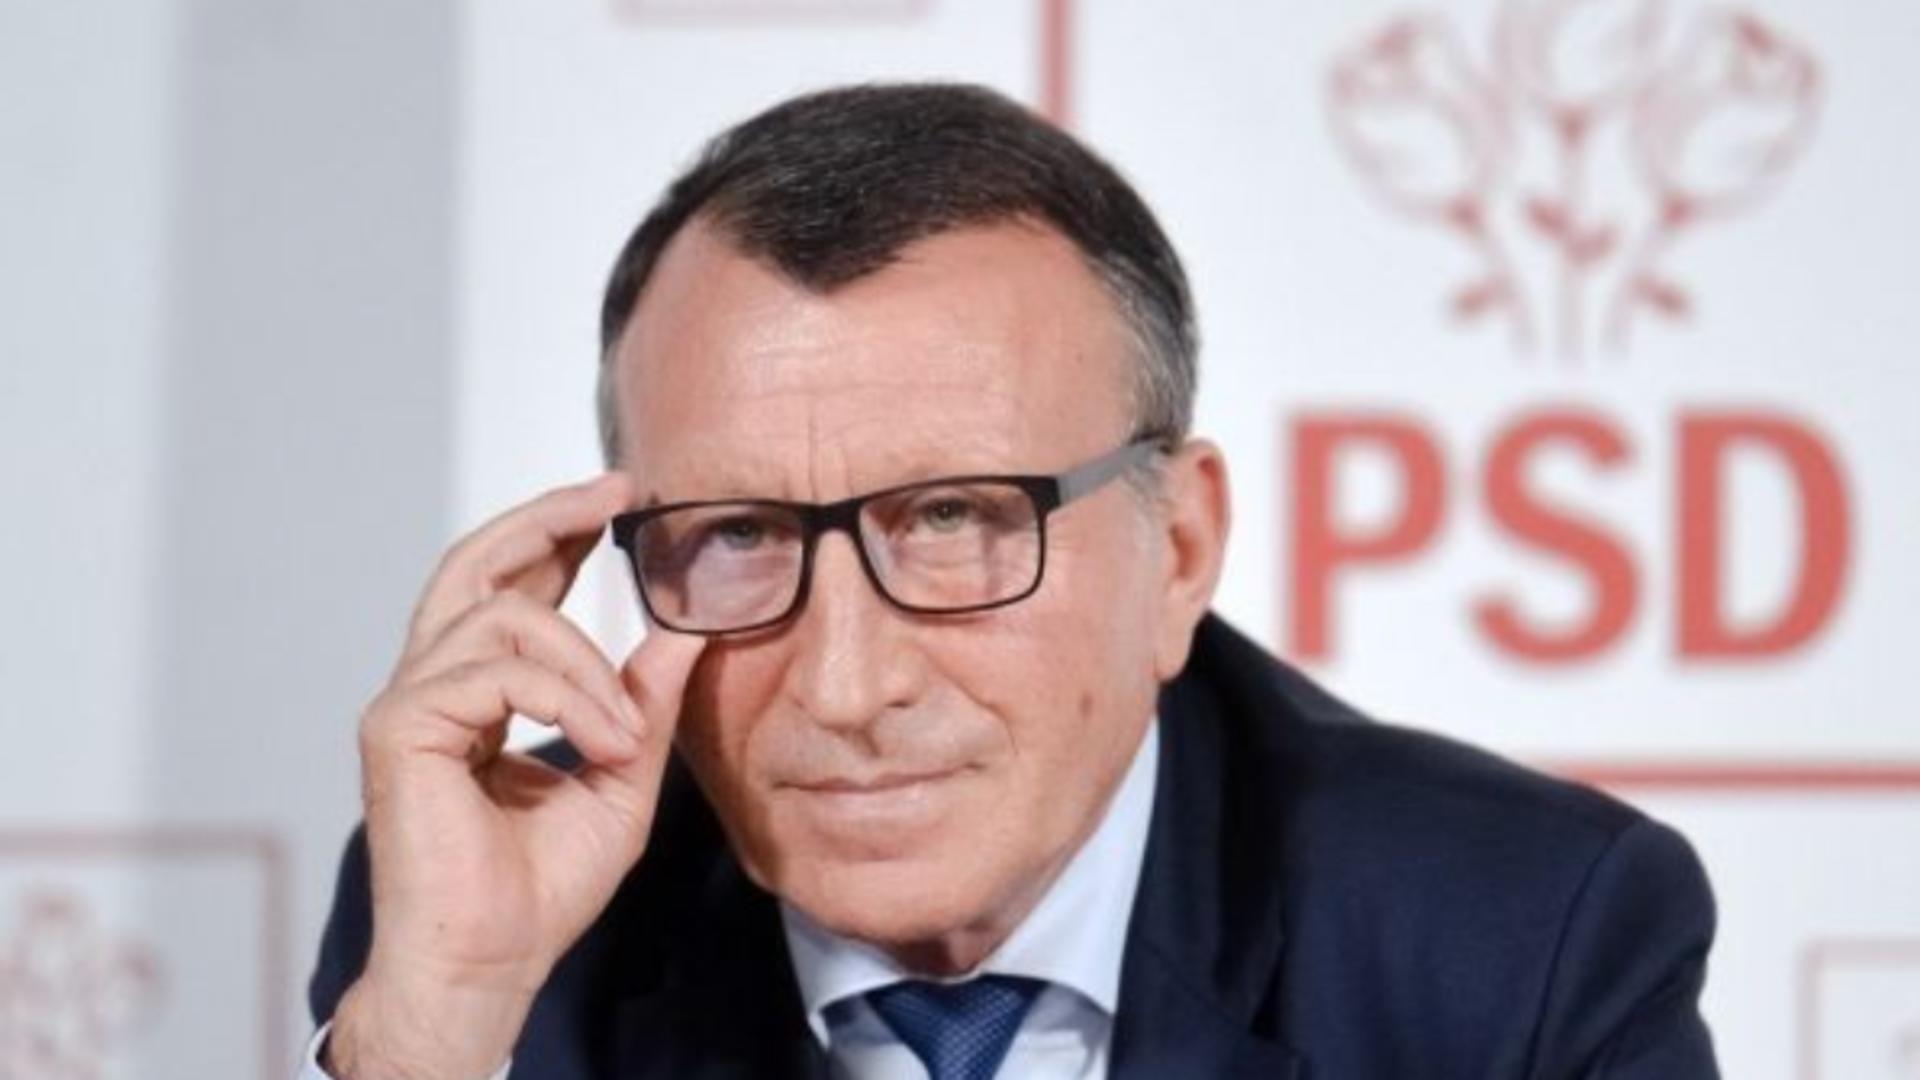 Paul Stănescu, senator, secretar general al PSD, îl atacă pe Florin Cîțu după anunțul despre ridicarea restricțiilor